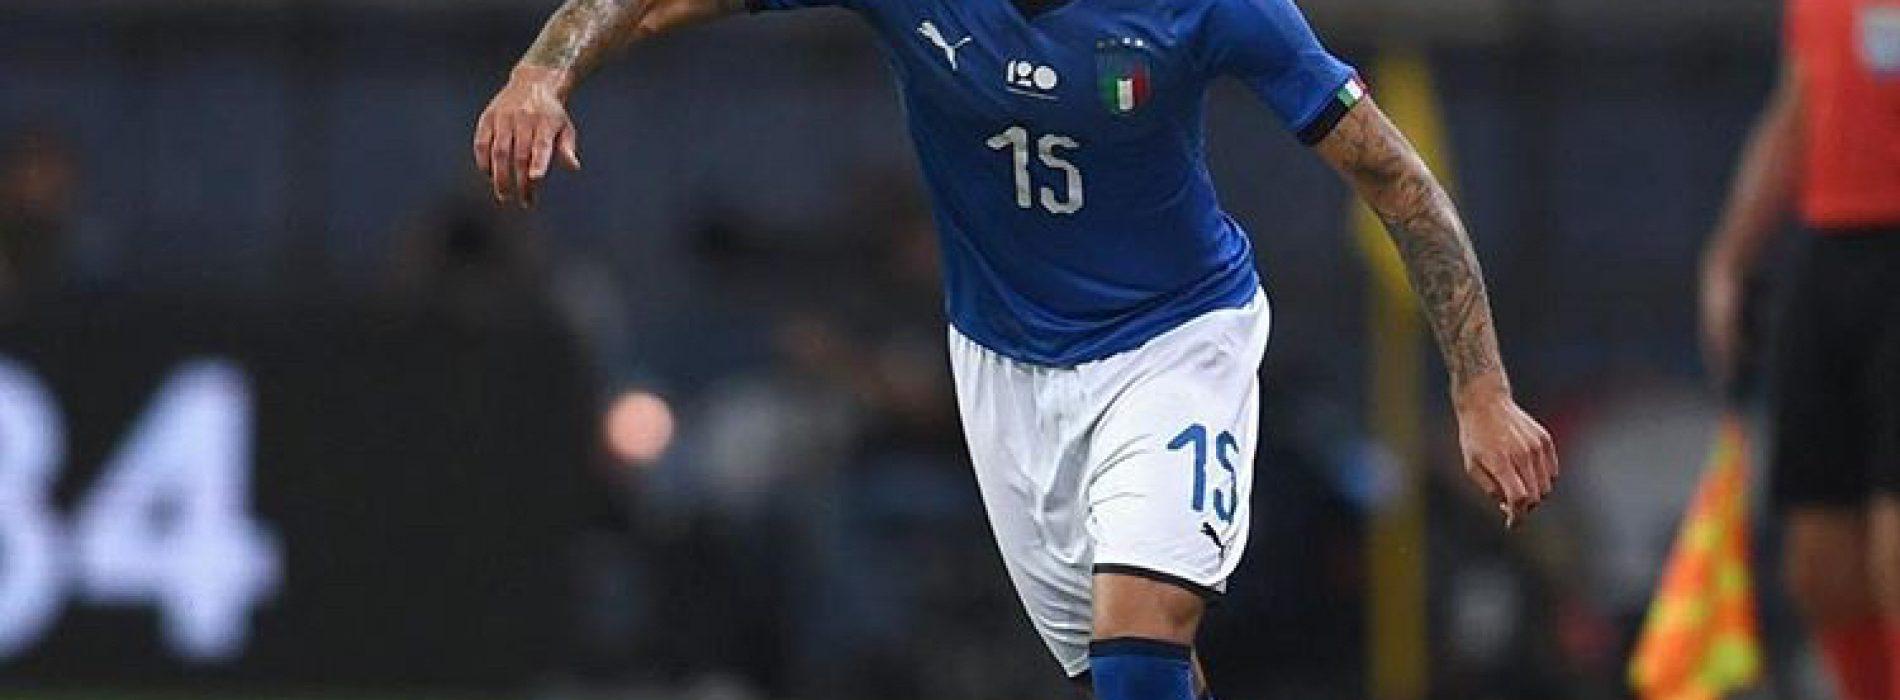 Mercato Inter: se parte Dalbert, occhi su Biraghi